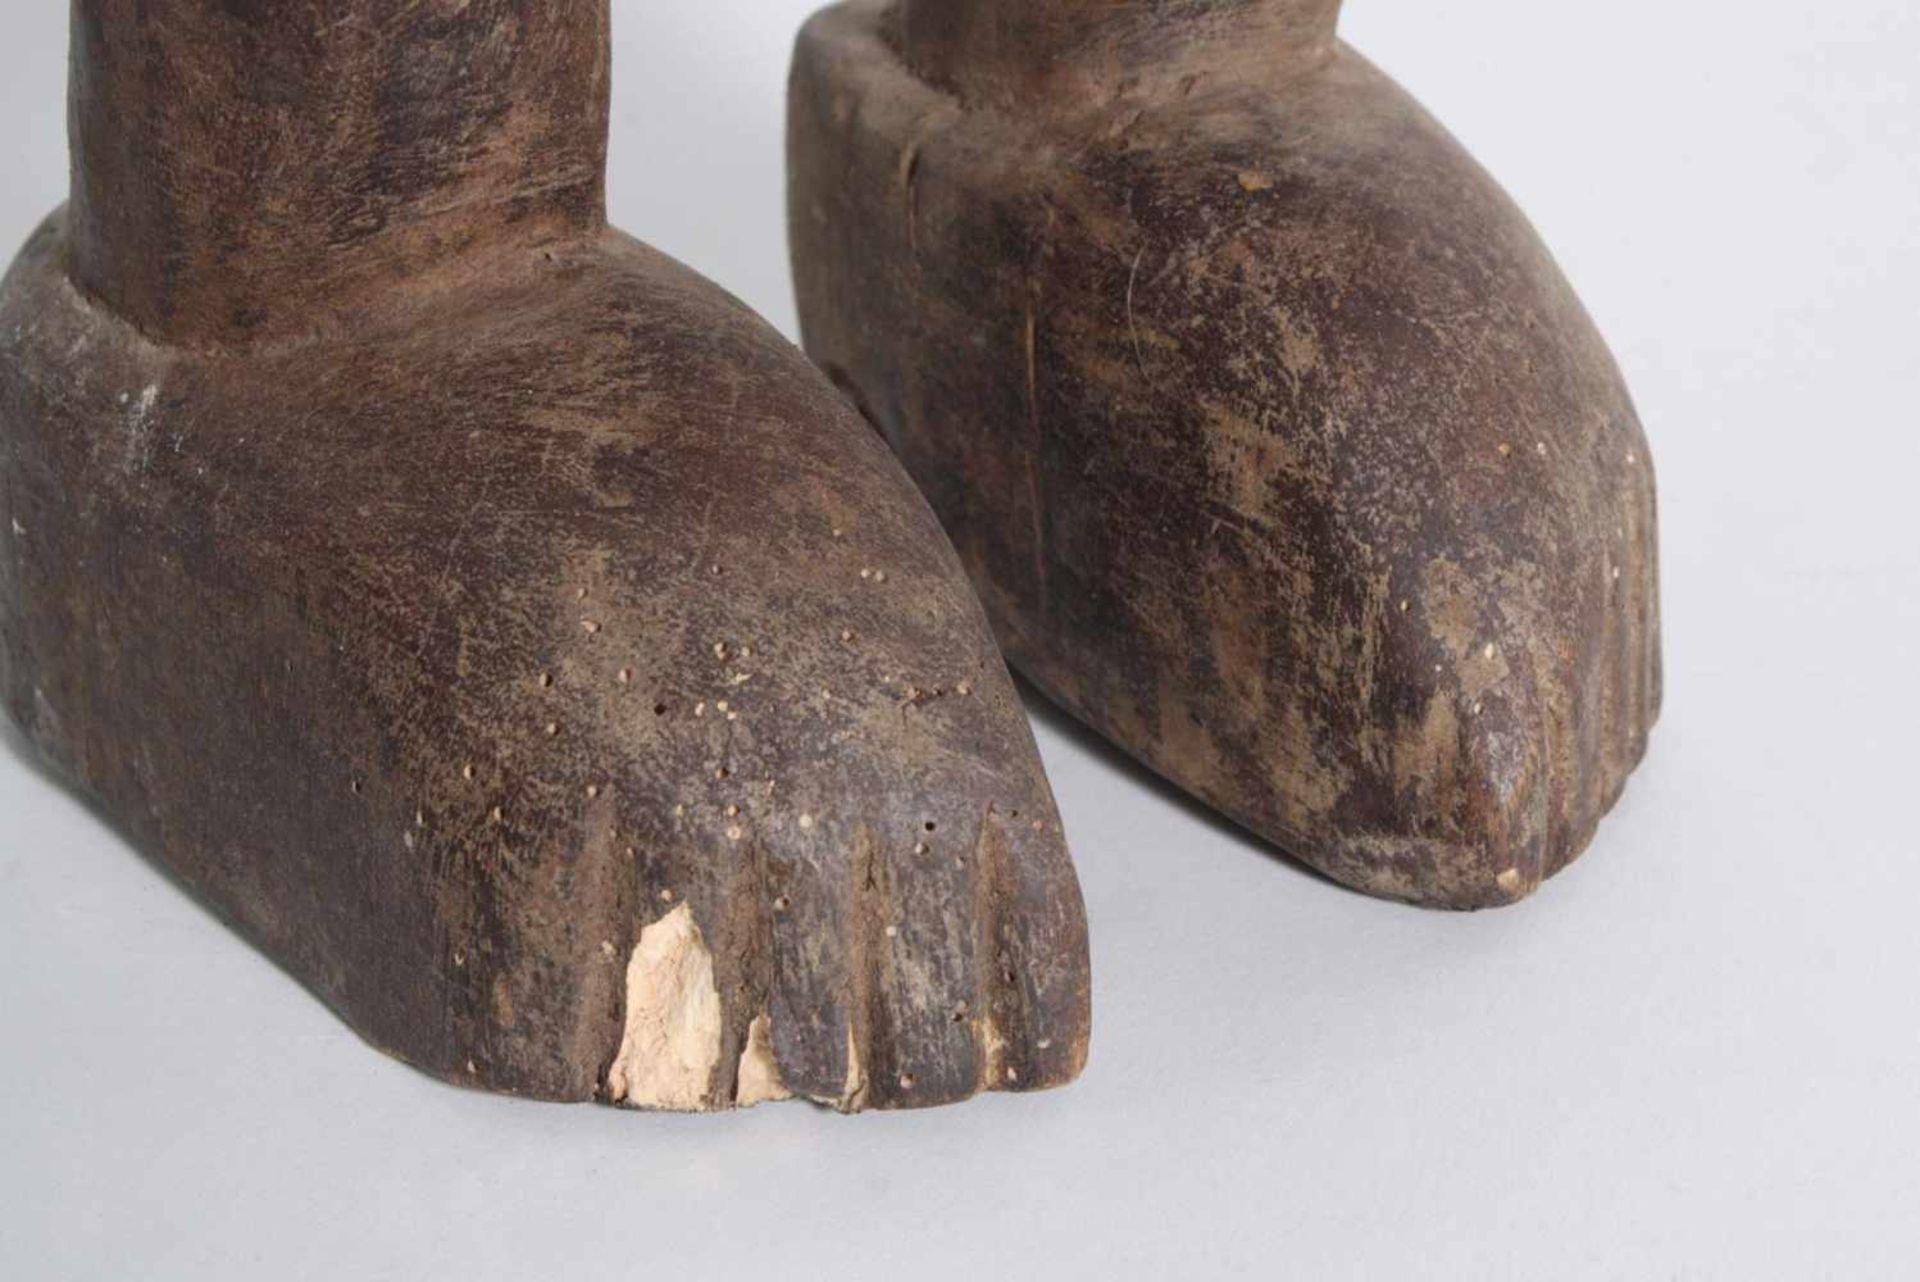 Stehende Frauenfigur, Senufo/Elfenbeinküste, 1. Hälfte 20. Jh.Bräunliches Holz. Stehende Frauenfigur - Bild 6 aus 6